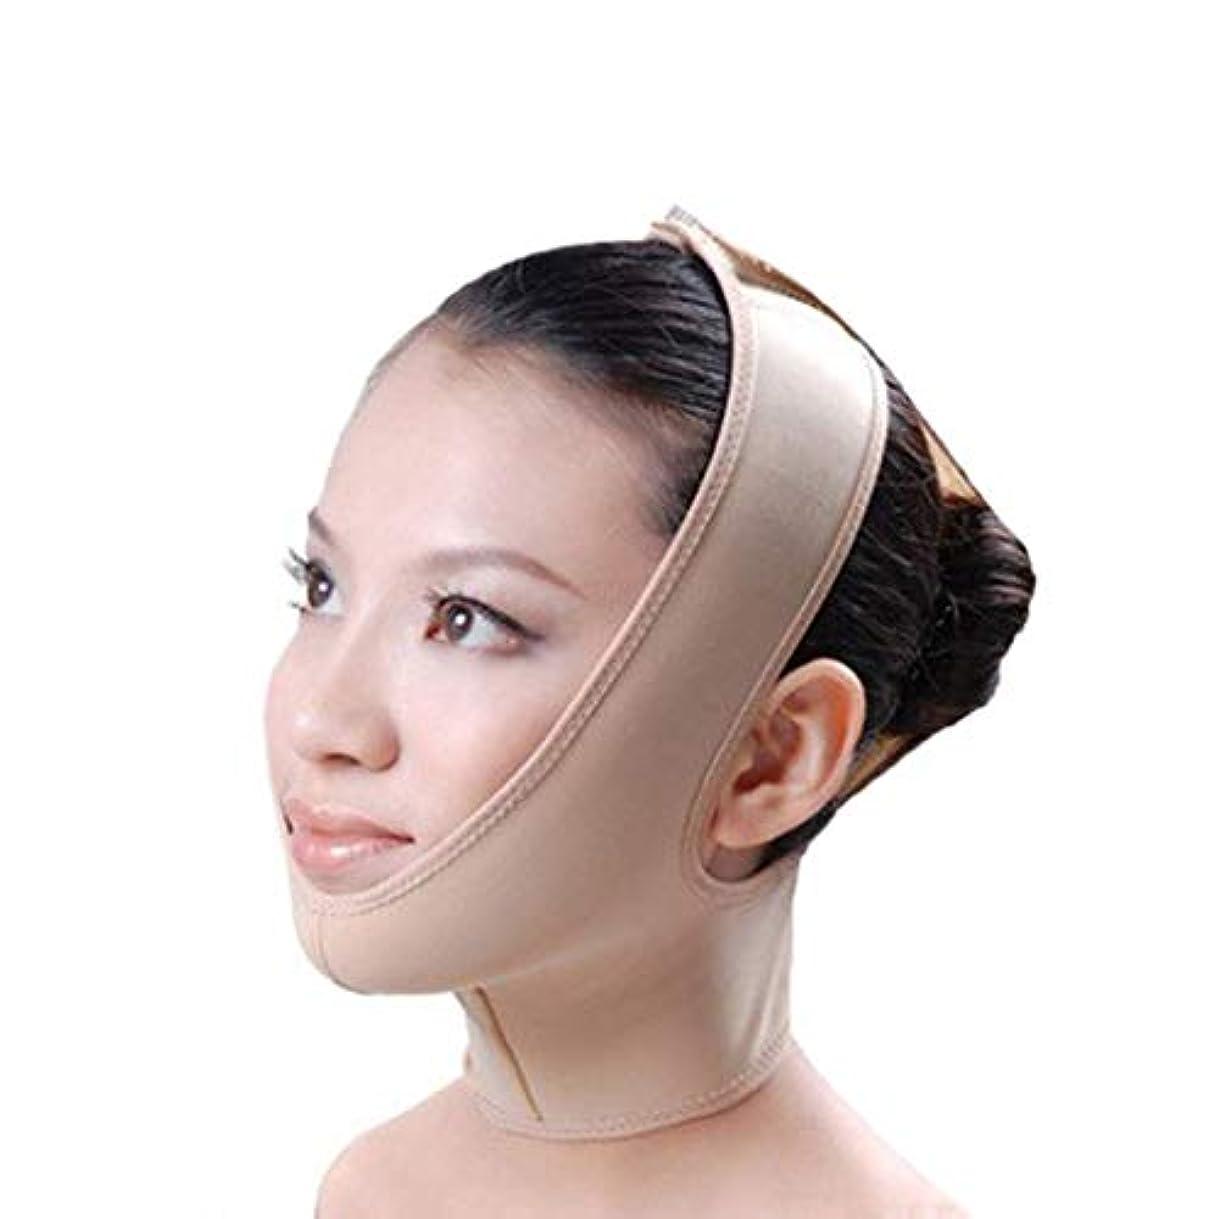 学生人柄事務所フェイススリム、リフティングマスク、包帯リフト、二重あご、引き締めフェイシャルリフト、フェイシャル減量マスク、リフティングスキン包帯(サイズ:XL),L